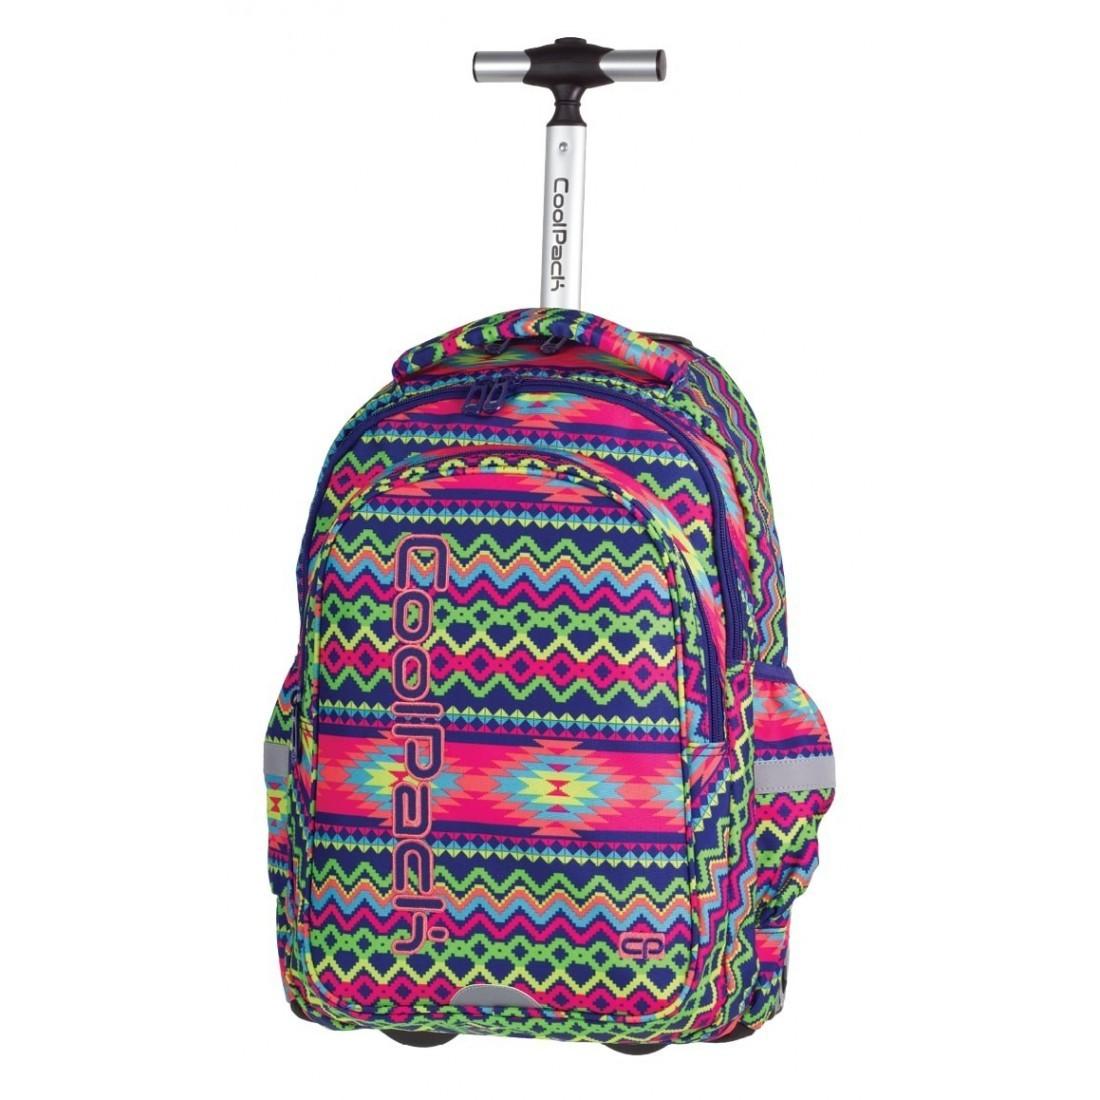 b1907570d11d9 Plecak na kółkach CoolPack CP JUNIOR BOHO ELECTRA 782 Aztecki dla  dziewczyny - zielone